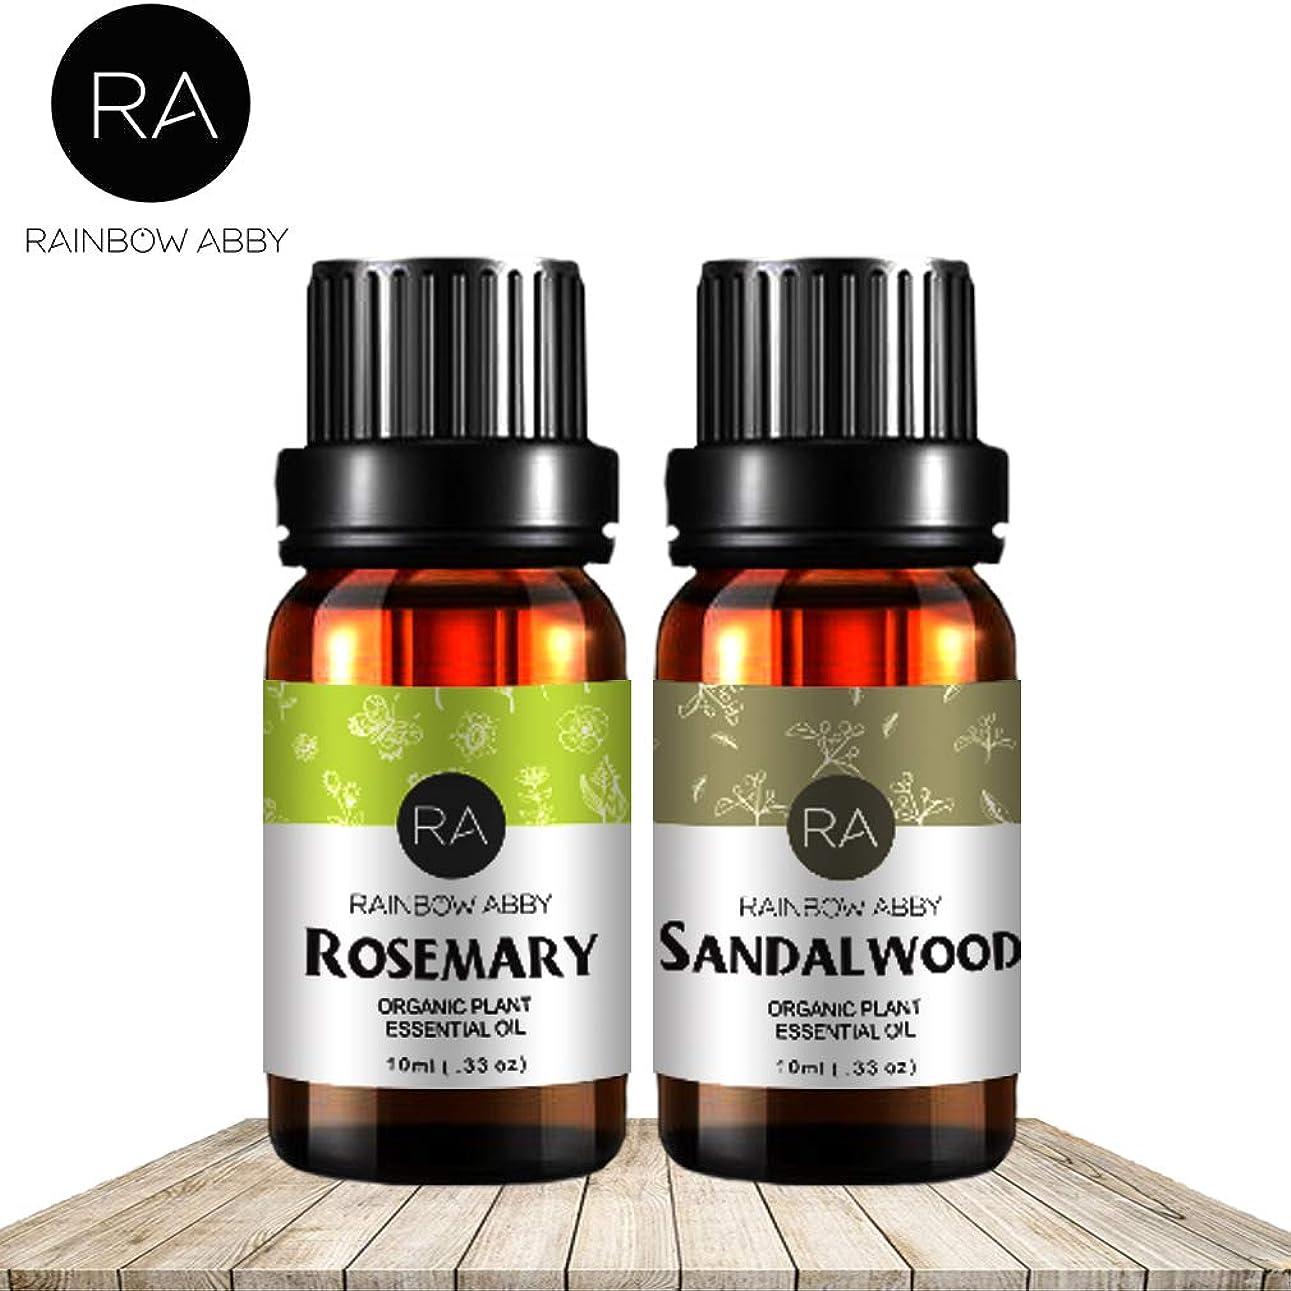 誇張するベット防止RAINBOW ABBY サンダルウッド ローズマリー エッセンシャル オイル セット アロマ 100% 純粋 セラピー 等級油 2/10ml- 2パック